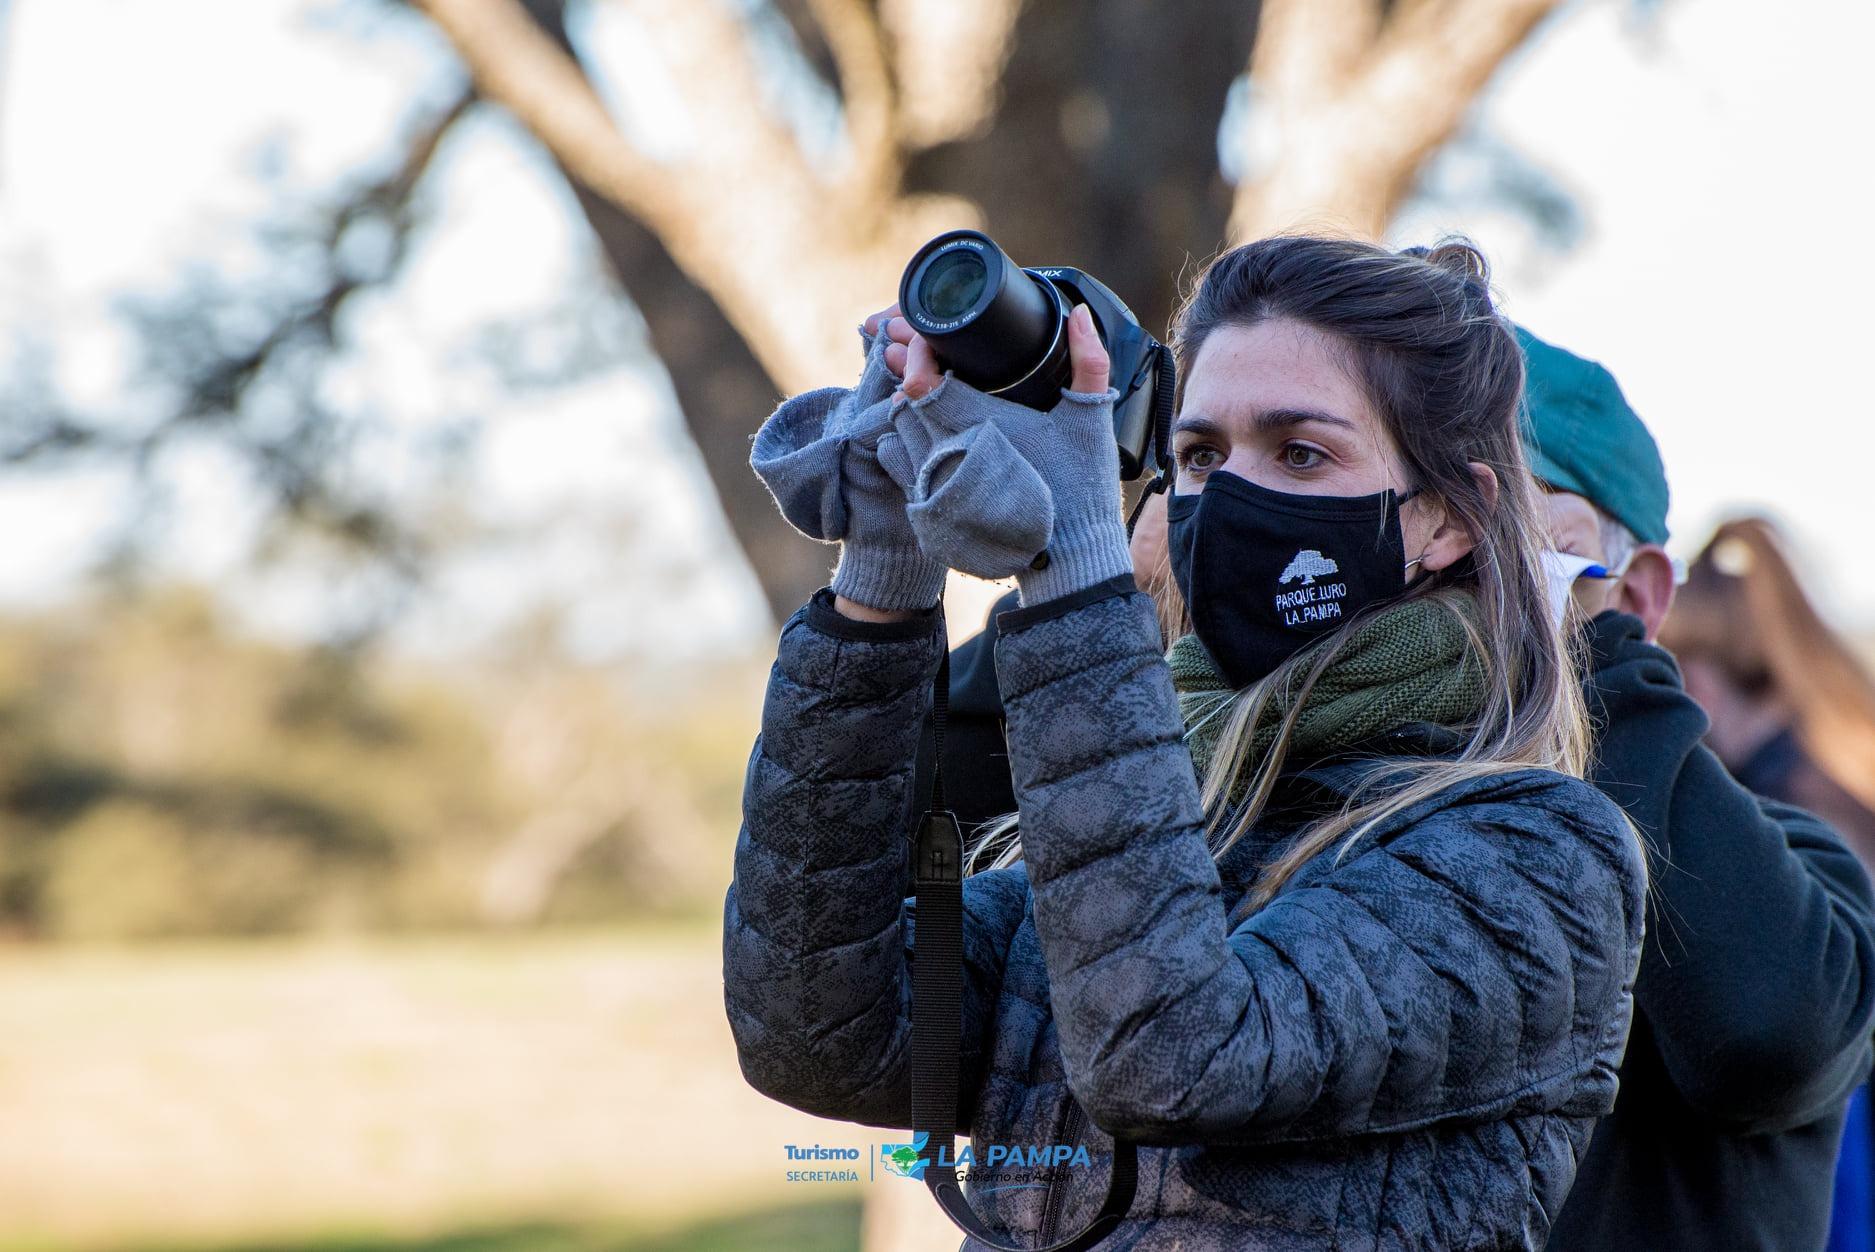 En La Pampa se celebró el Día Mundial de las aves migratorias con recorridos de observación y fotografía